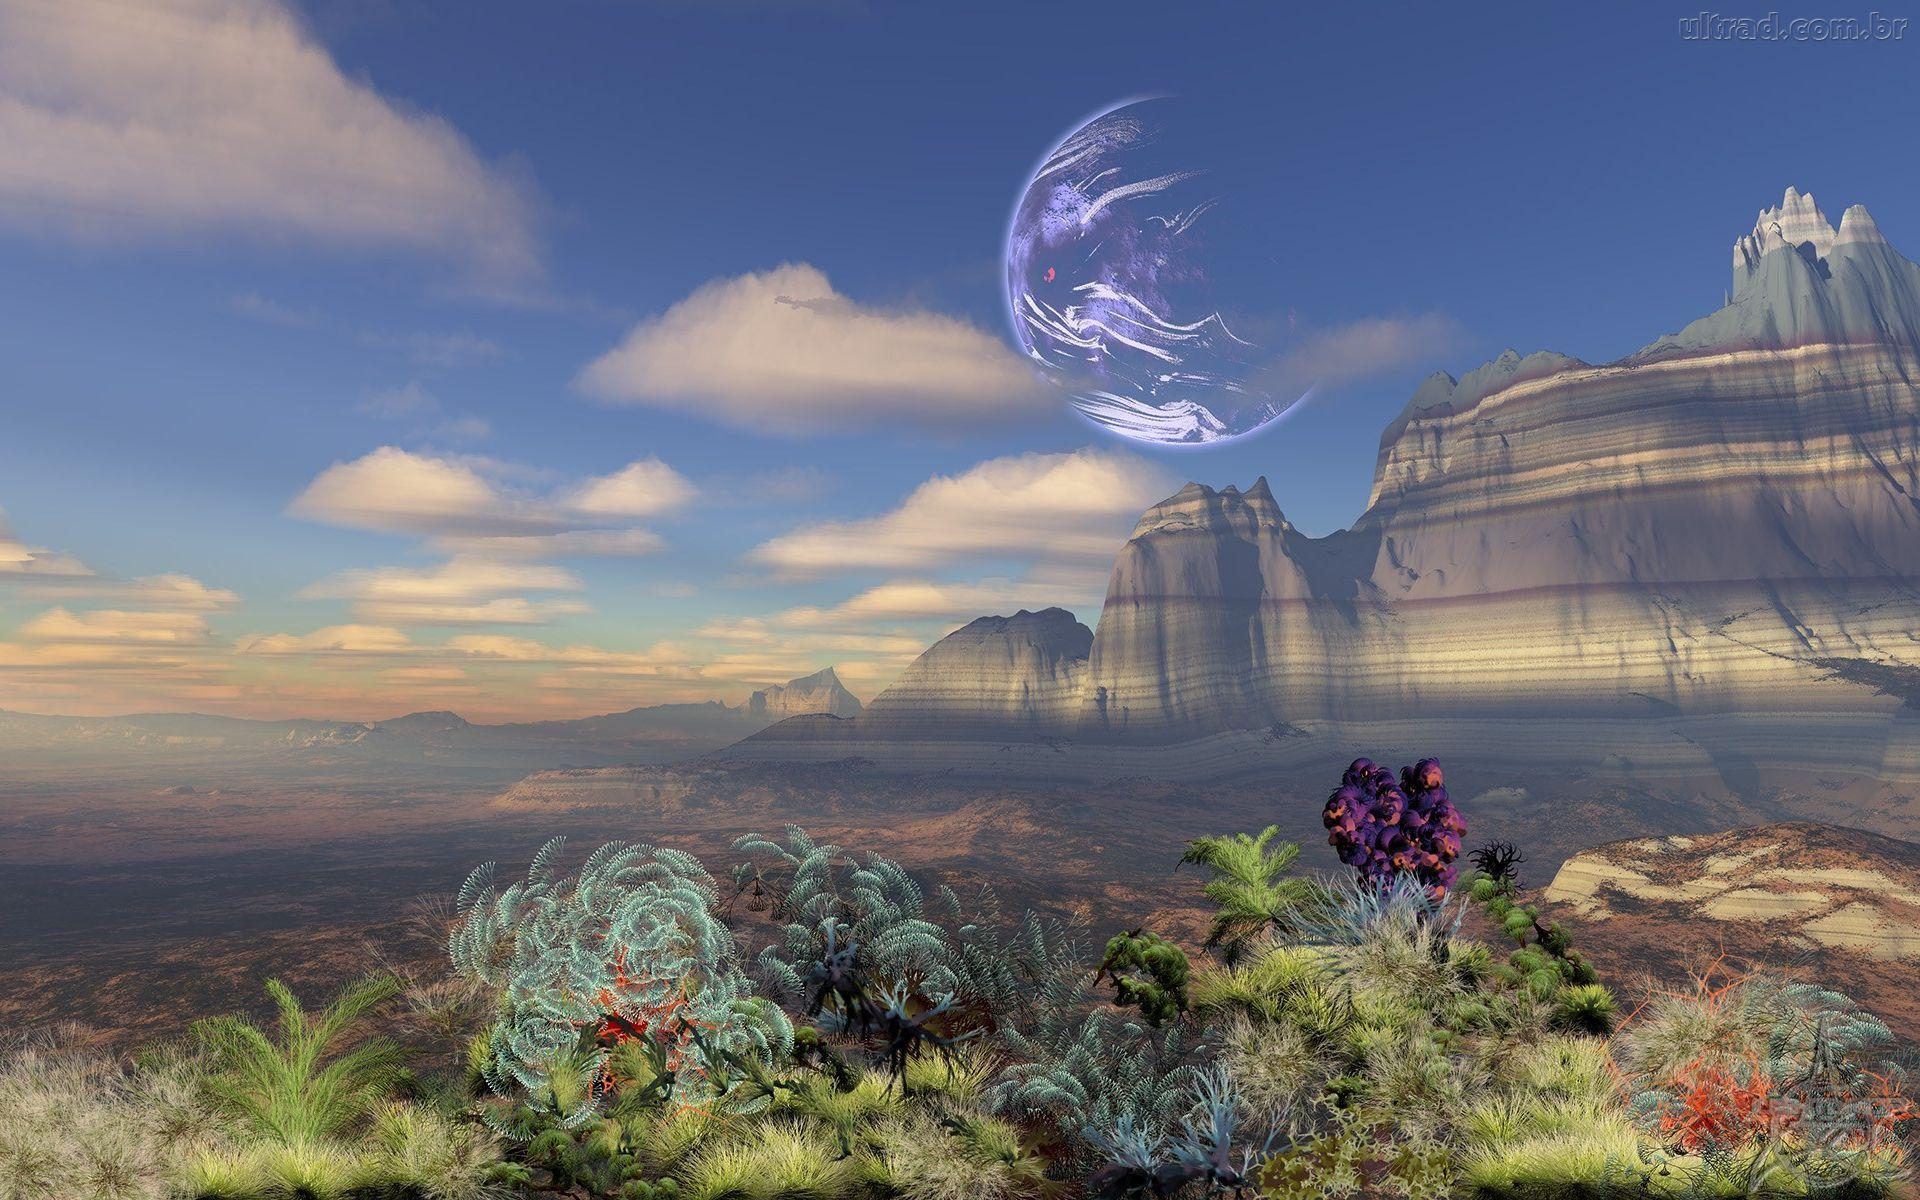 paisagem fantasia - Pesquisa Google